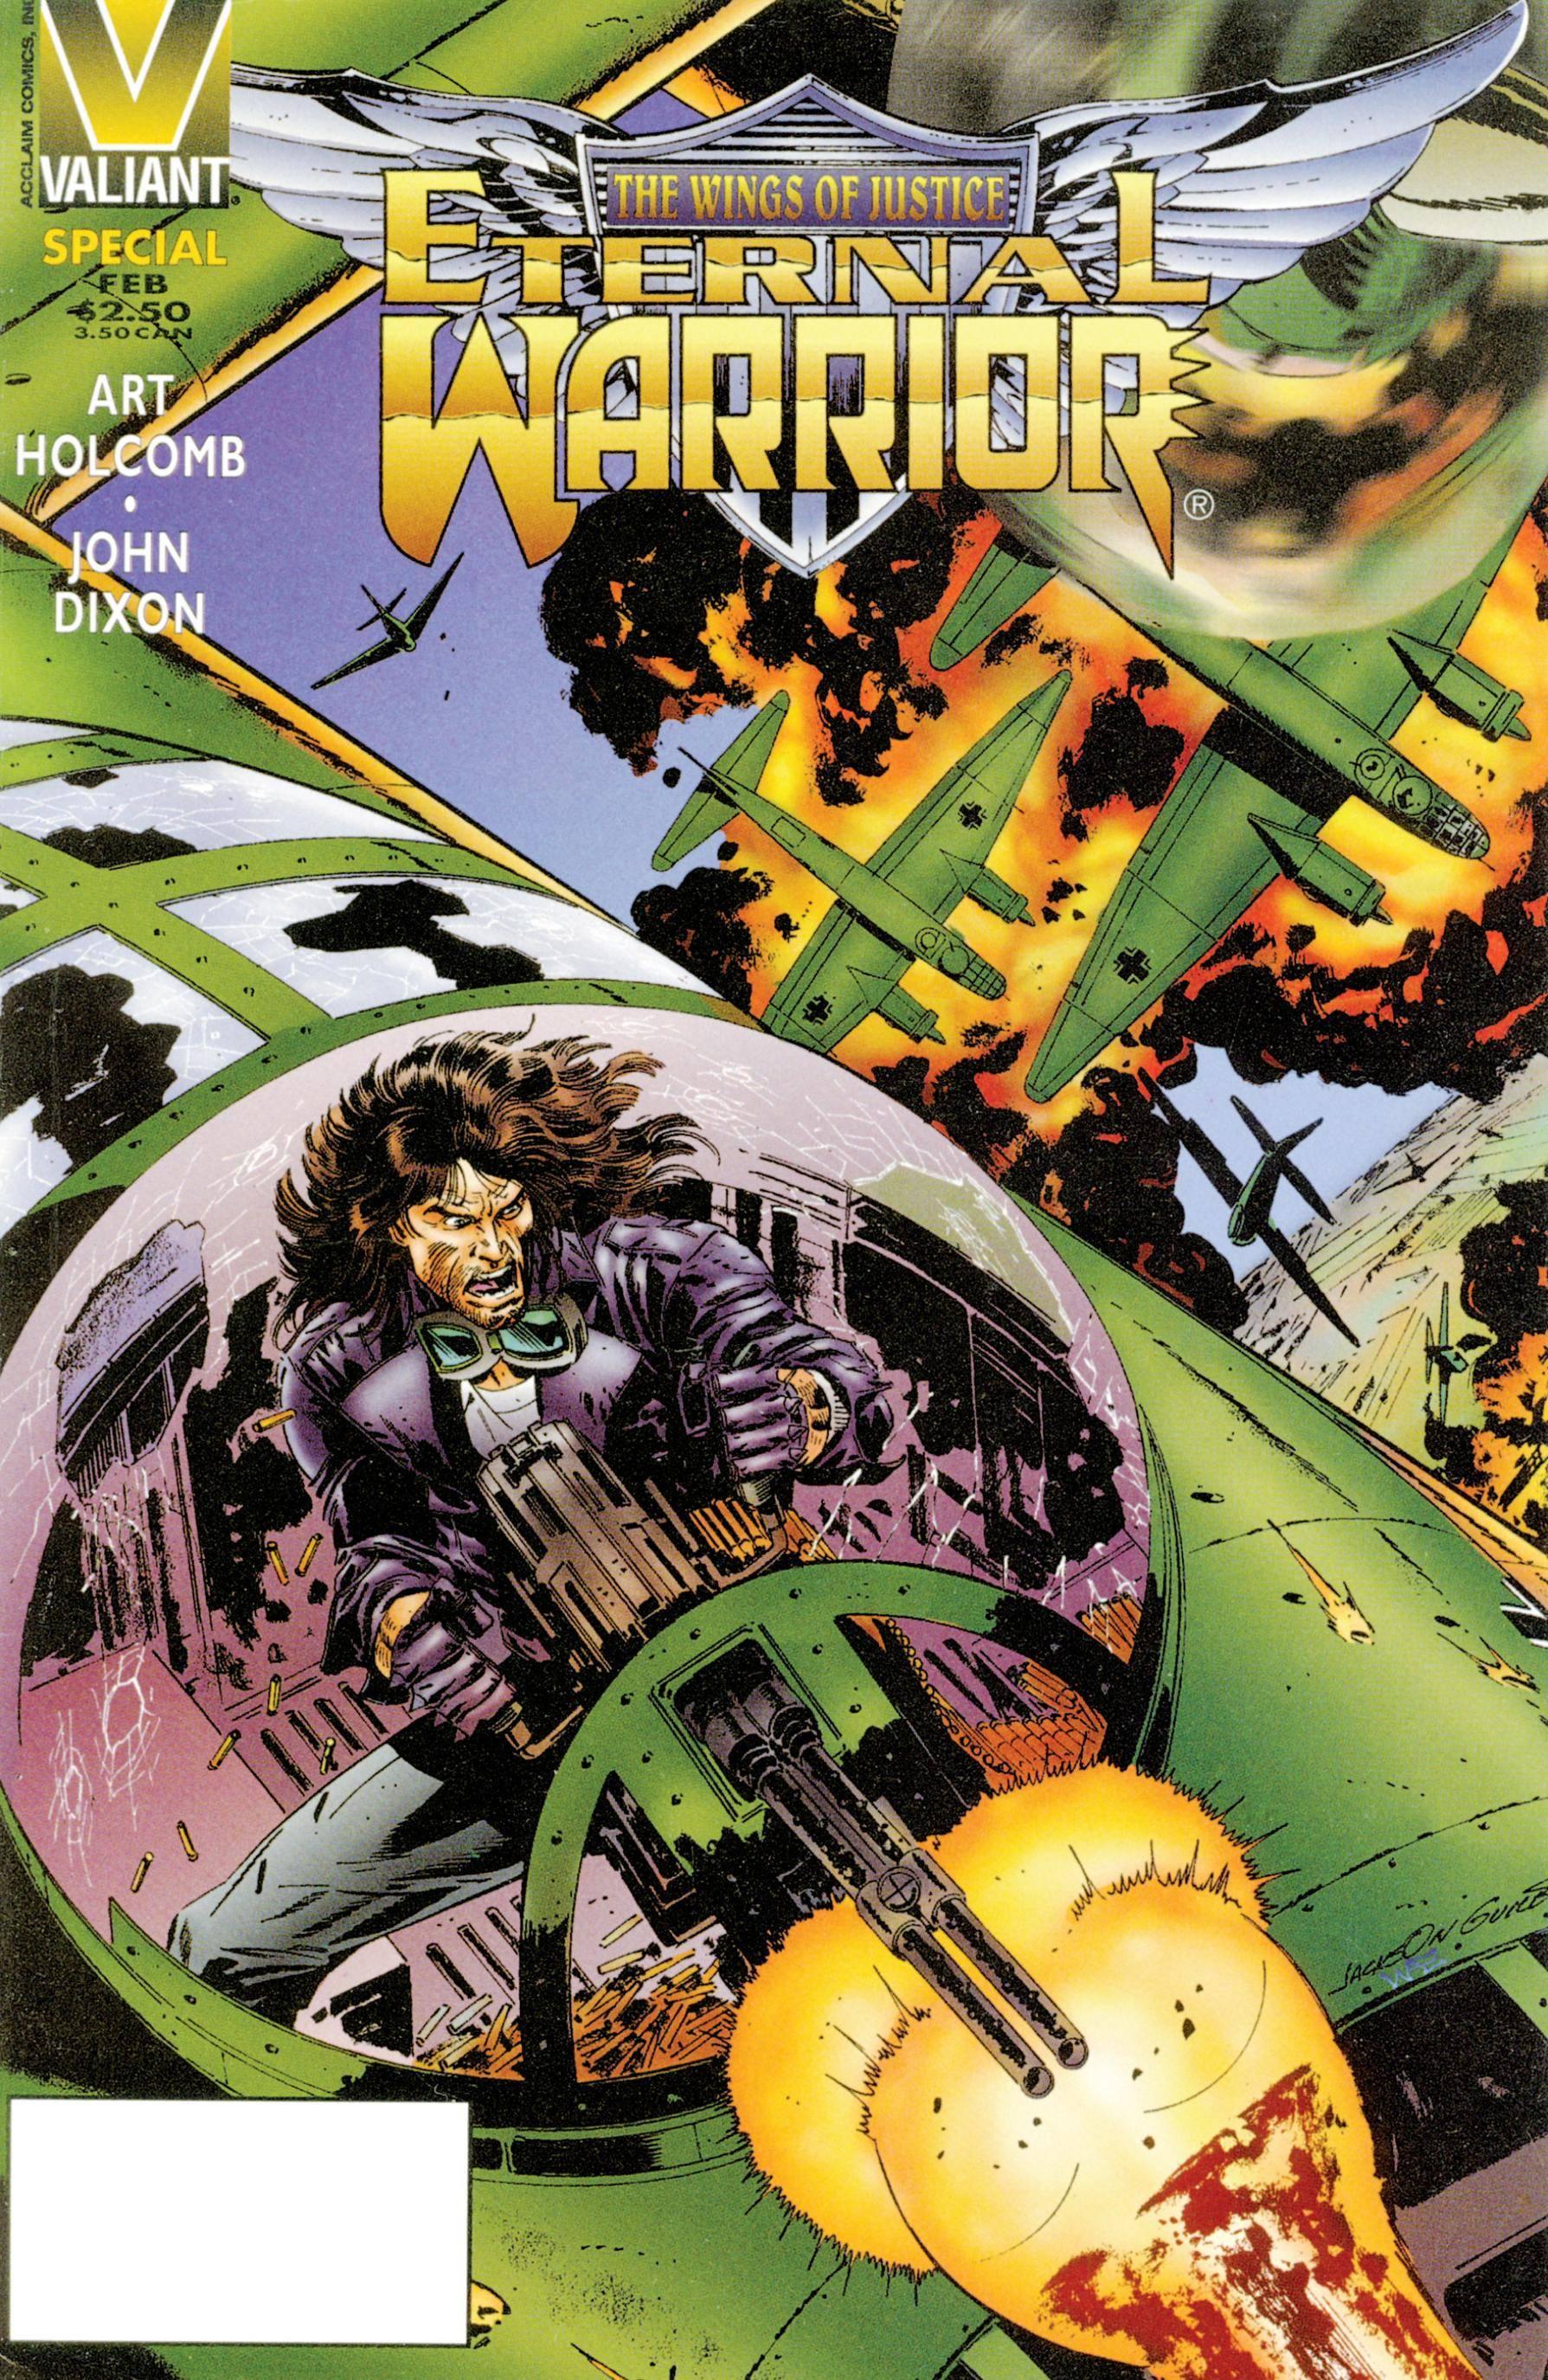 Eternal Warrior - The Wings of Justice 1996 digital